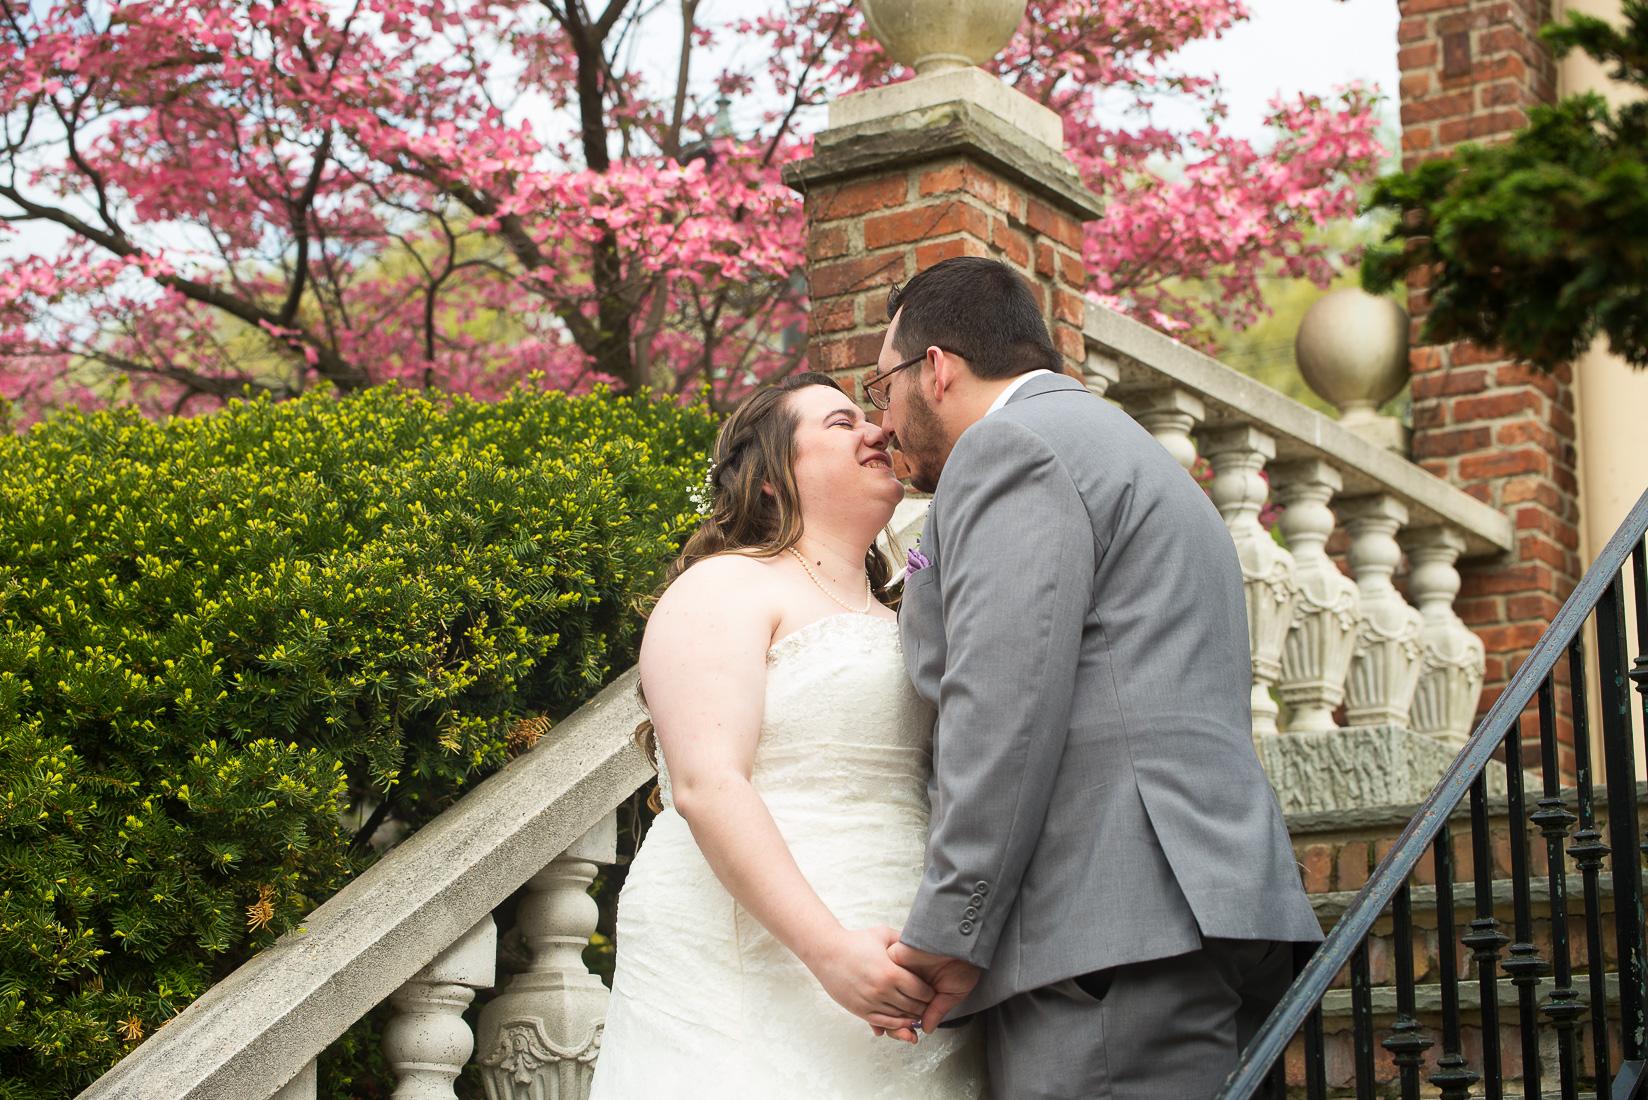 Manor-SouthOrange-NJ-wedding-0015.jpg